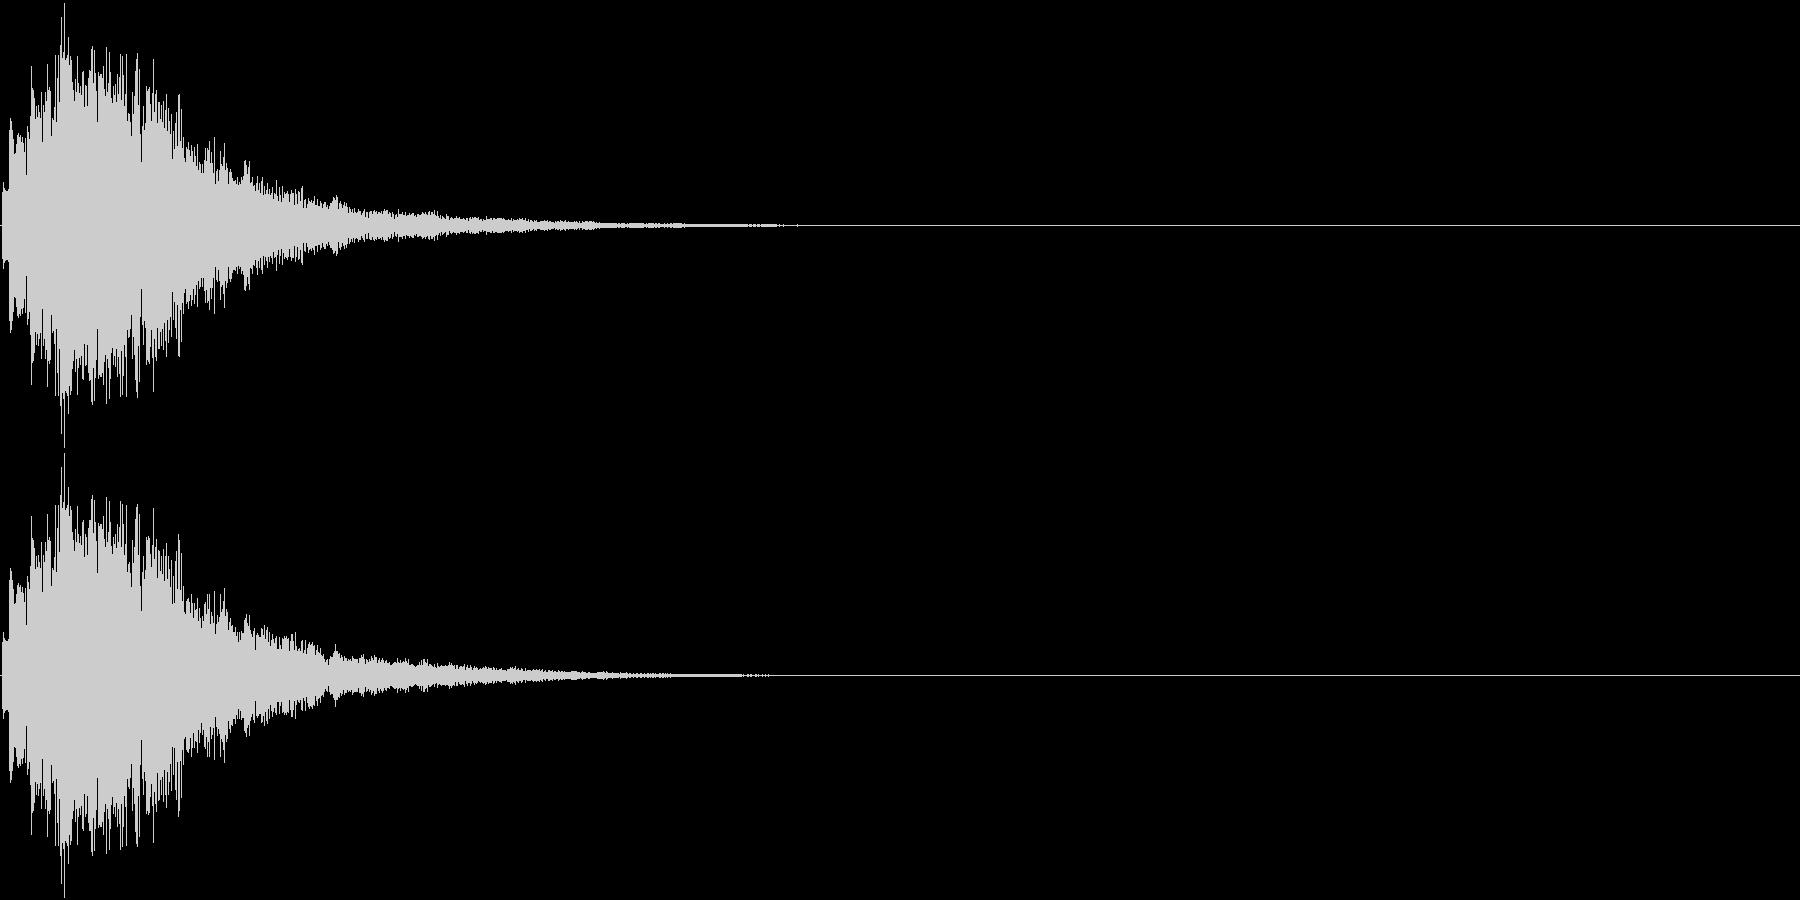 ひらめき 獲得 ゲット 入手 キラリン5の未再生の波形